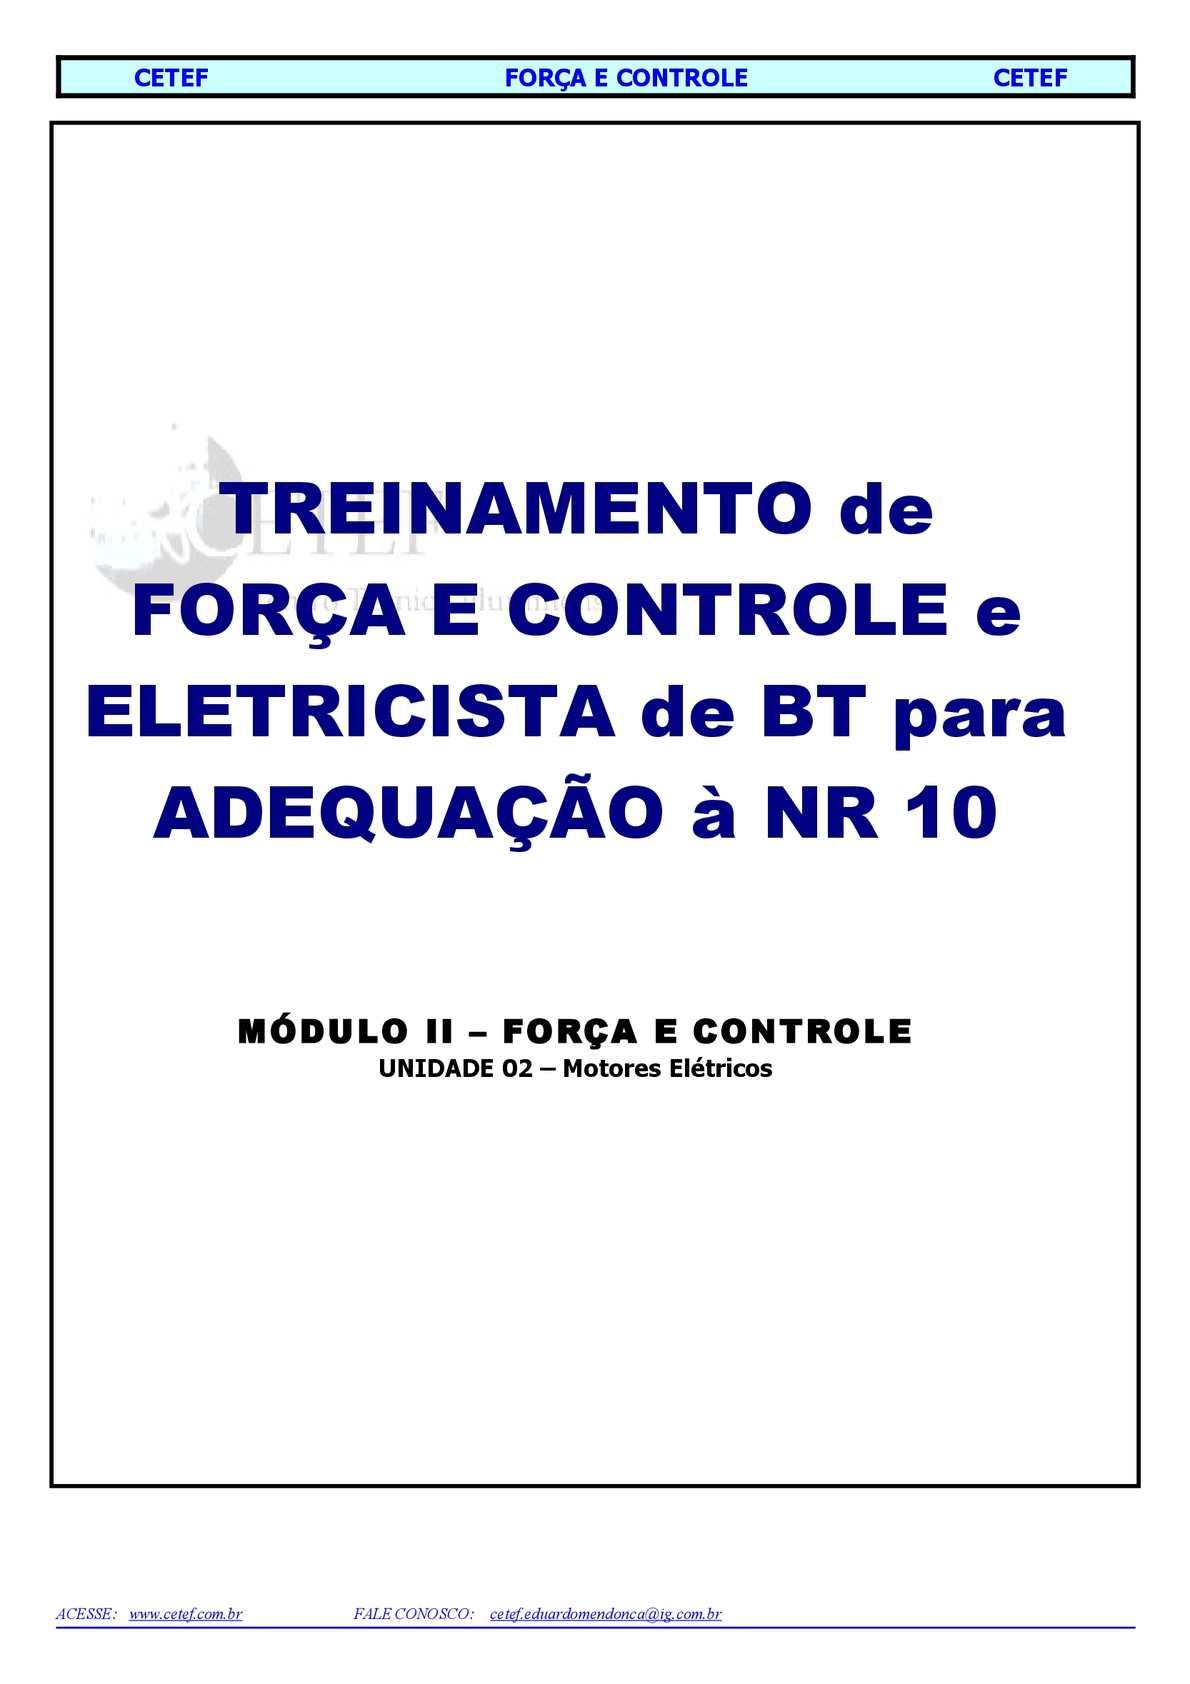 3e2039657e4 Calaméo - 2 MÓD II - UN II - Motores Elétricos